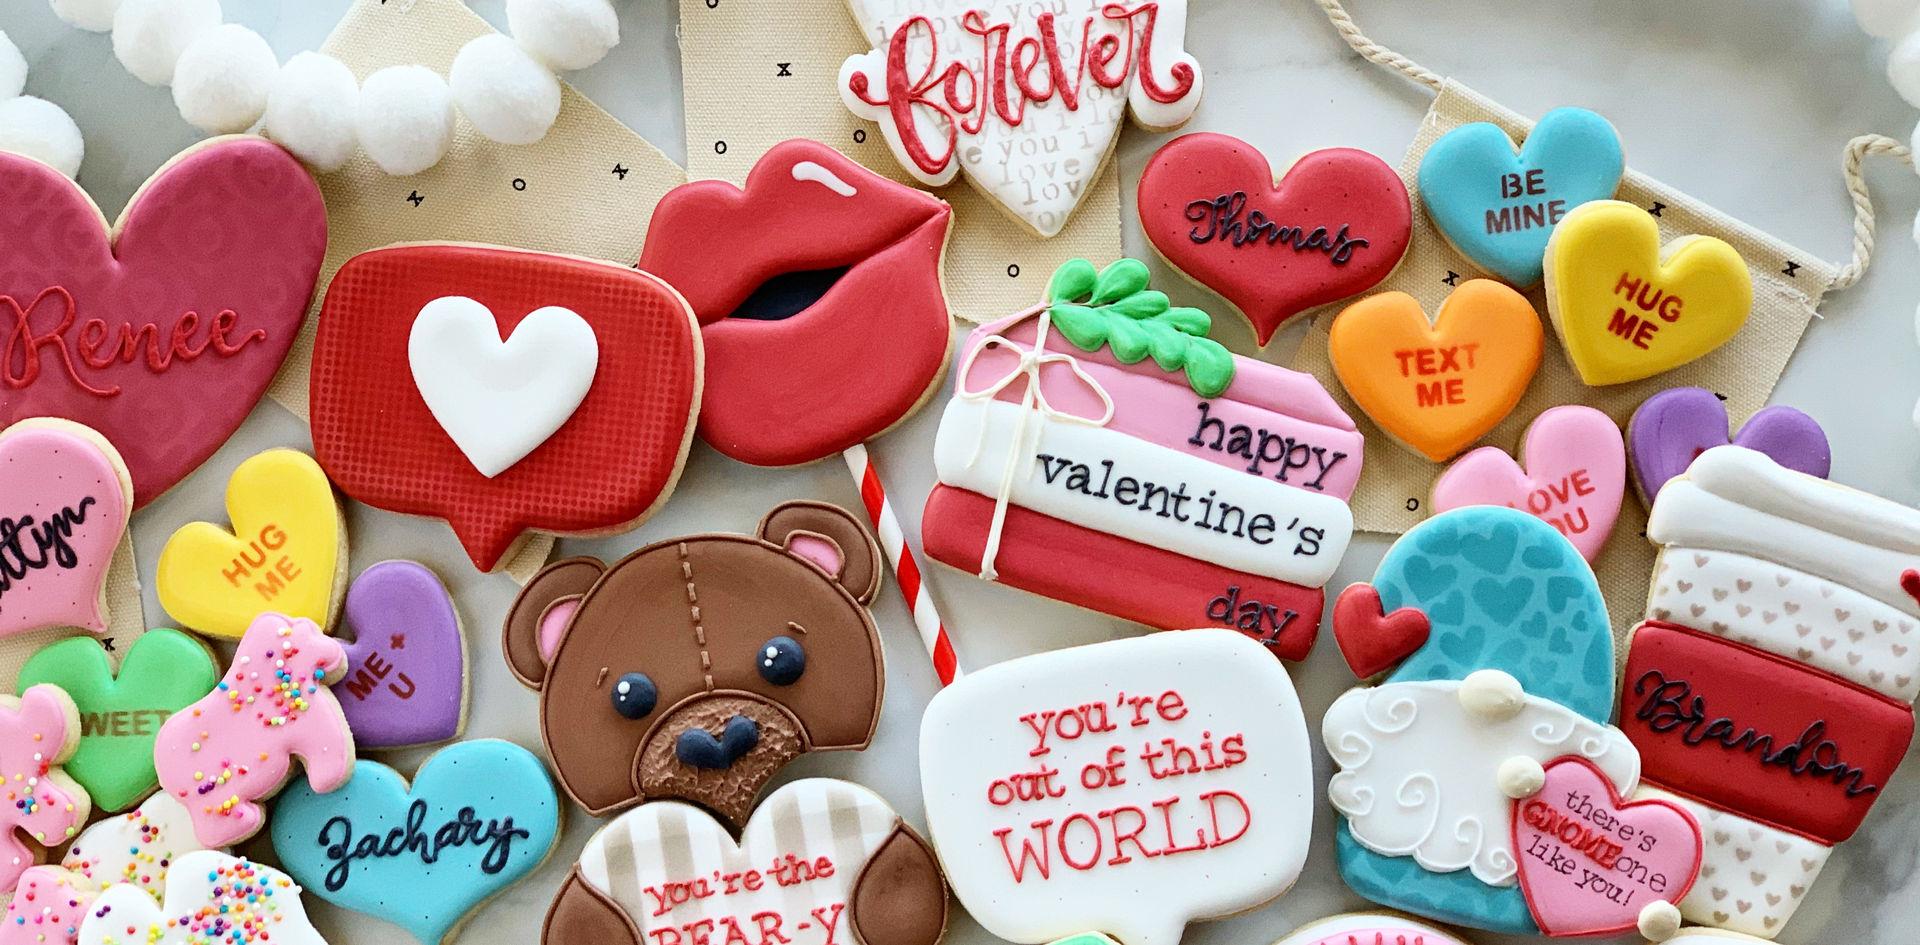 Valentine 2021 Collection.jpg